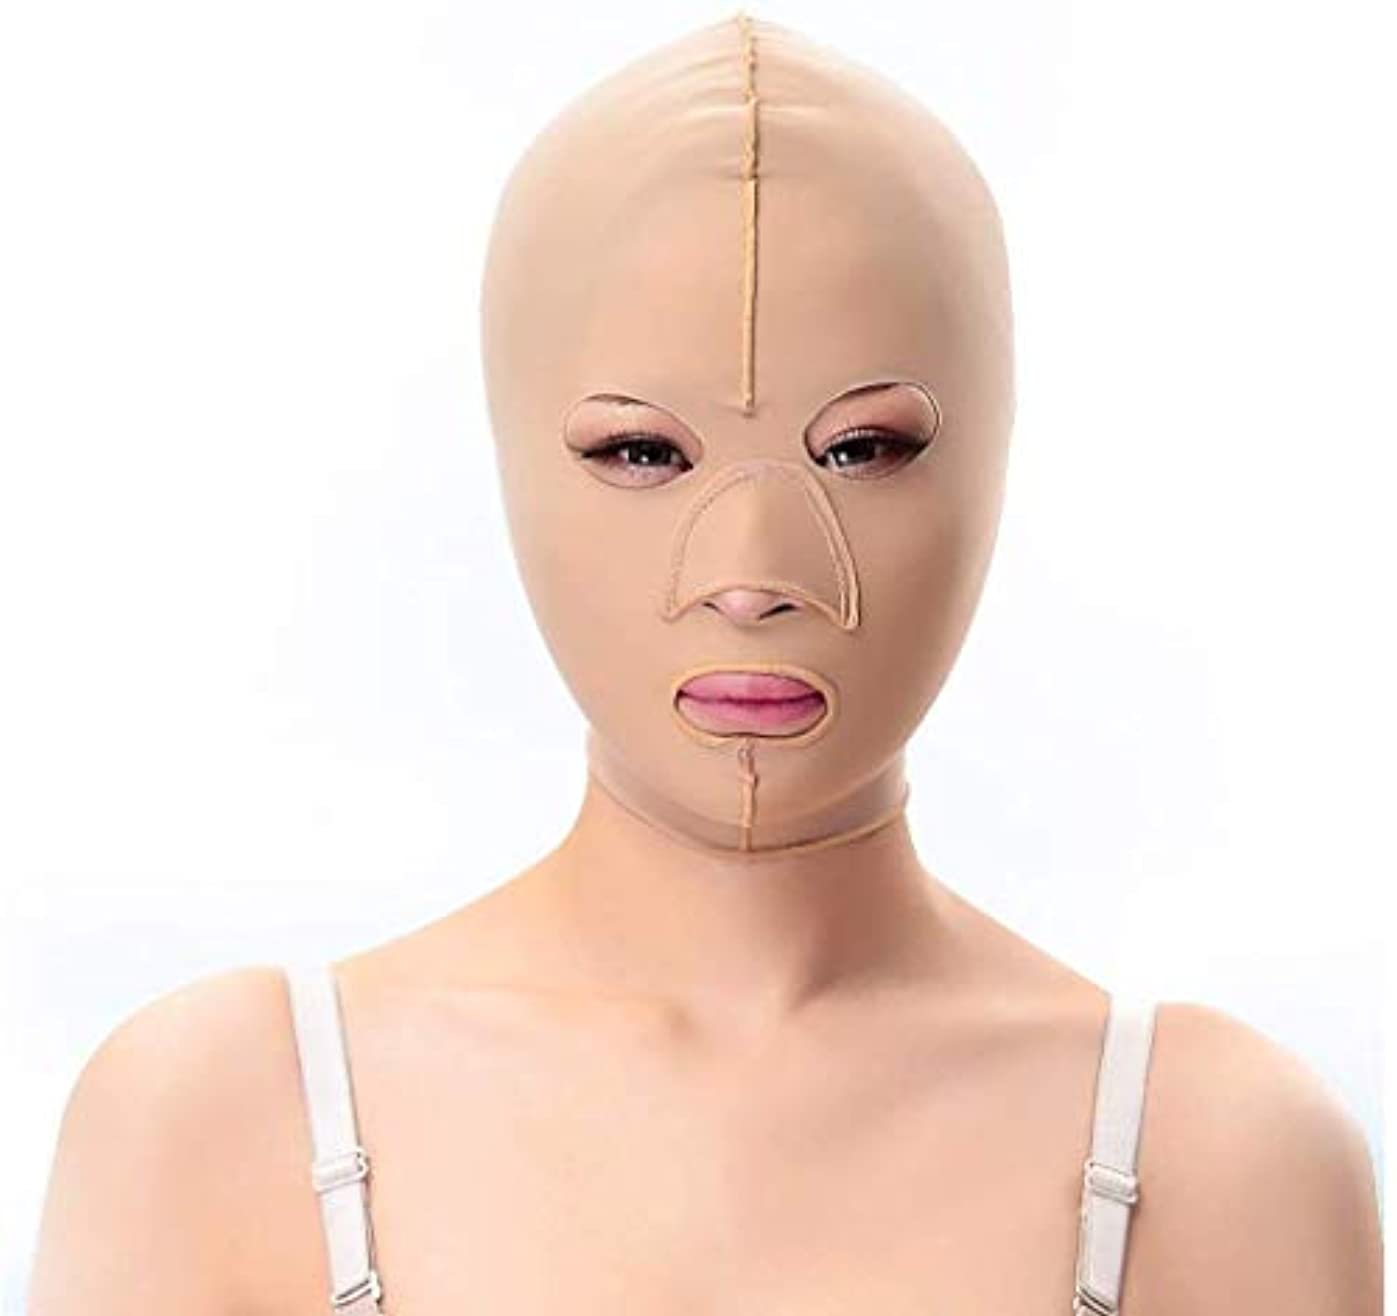 灌漑勇気のある影響美と実用的なSlim身ベルト、フェイシャルマスク薄い顔マスクを布パターンを持ち上げるダブルあご引き締め顔プラスチック顔アーティファクト強力な顔包帯(サイズ:XXL)